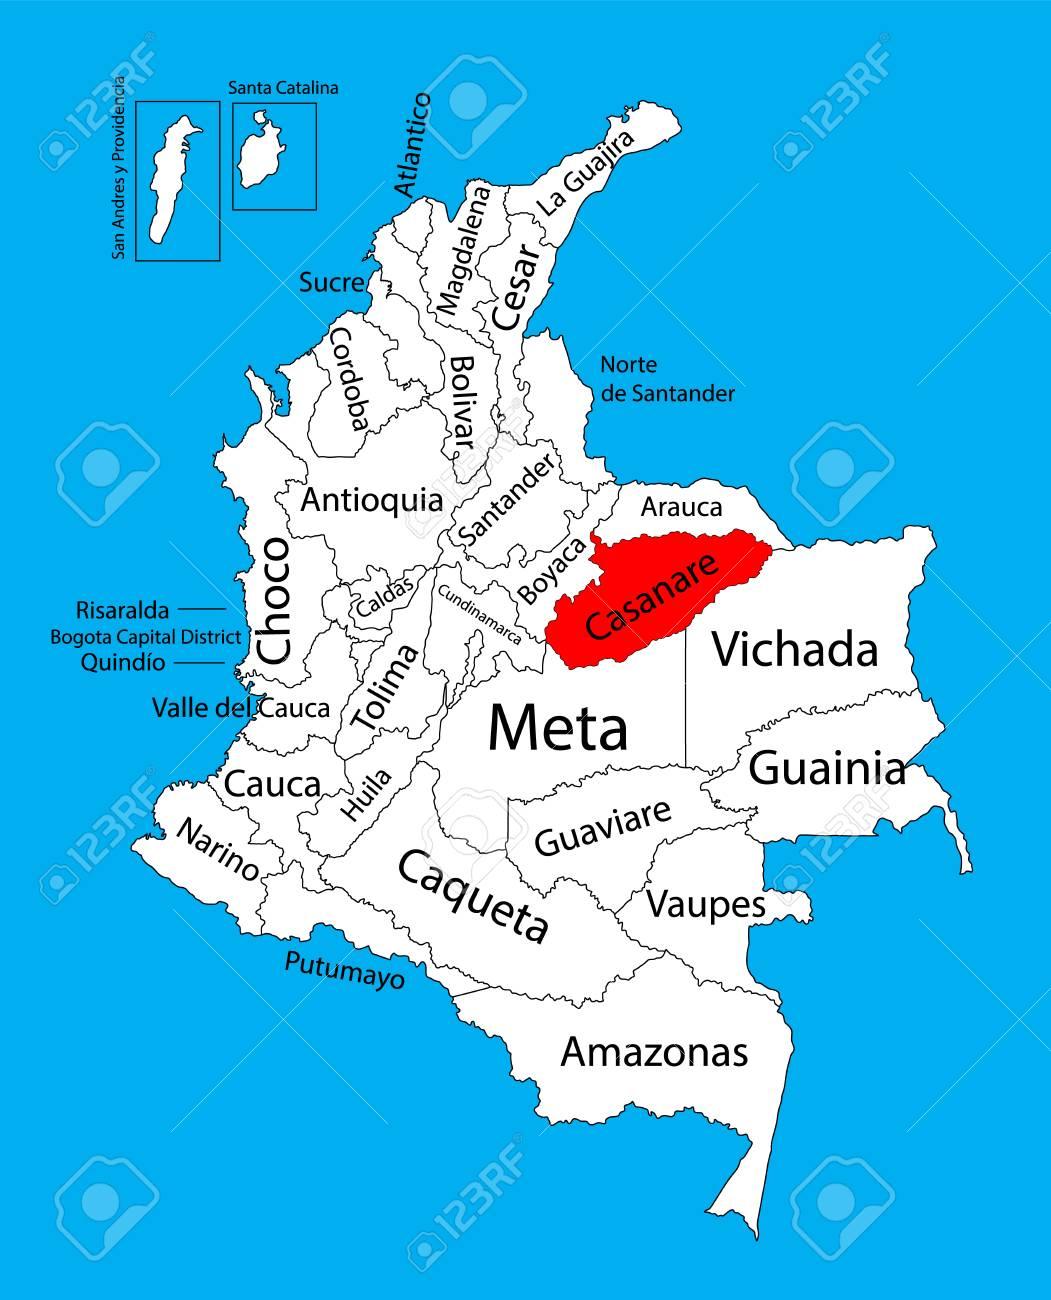 Colombia - Página 40 72499707-mapa-vectorial-de-la-regi%C3%B3n-de-casanare-colombia-mapa-vectorial-editable-divisiones-administrativas-de-